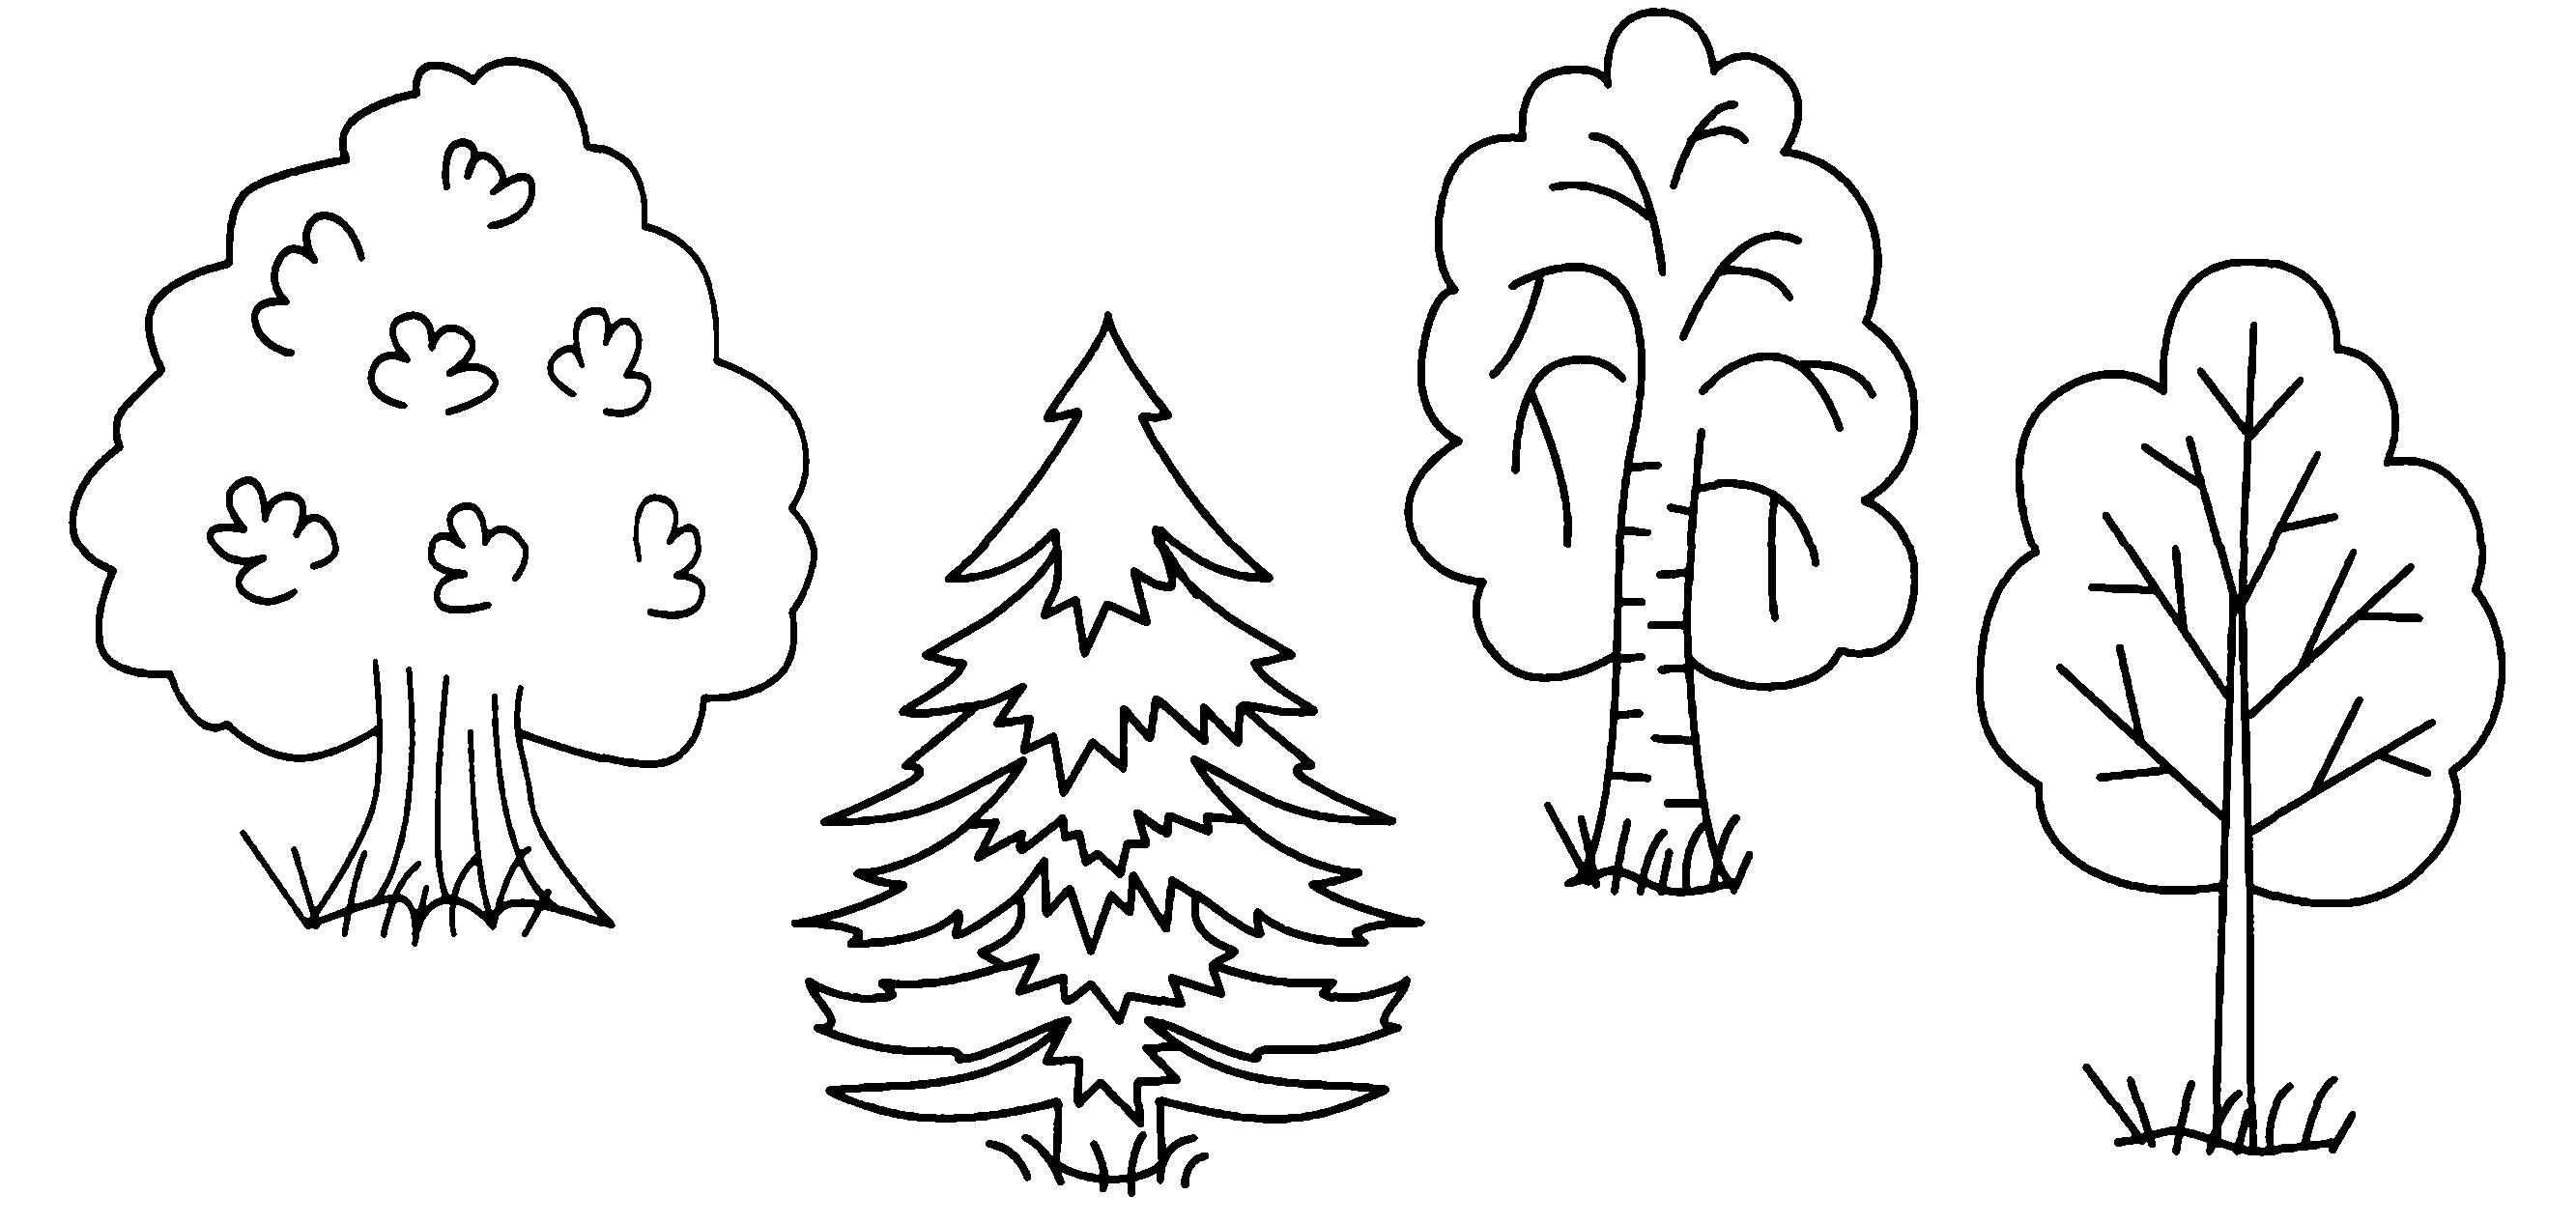 картинки с контурным изображением деревьев что, рад